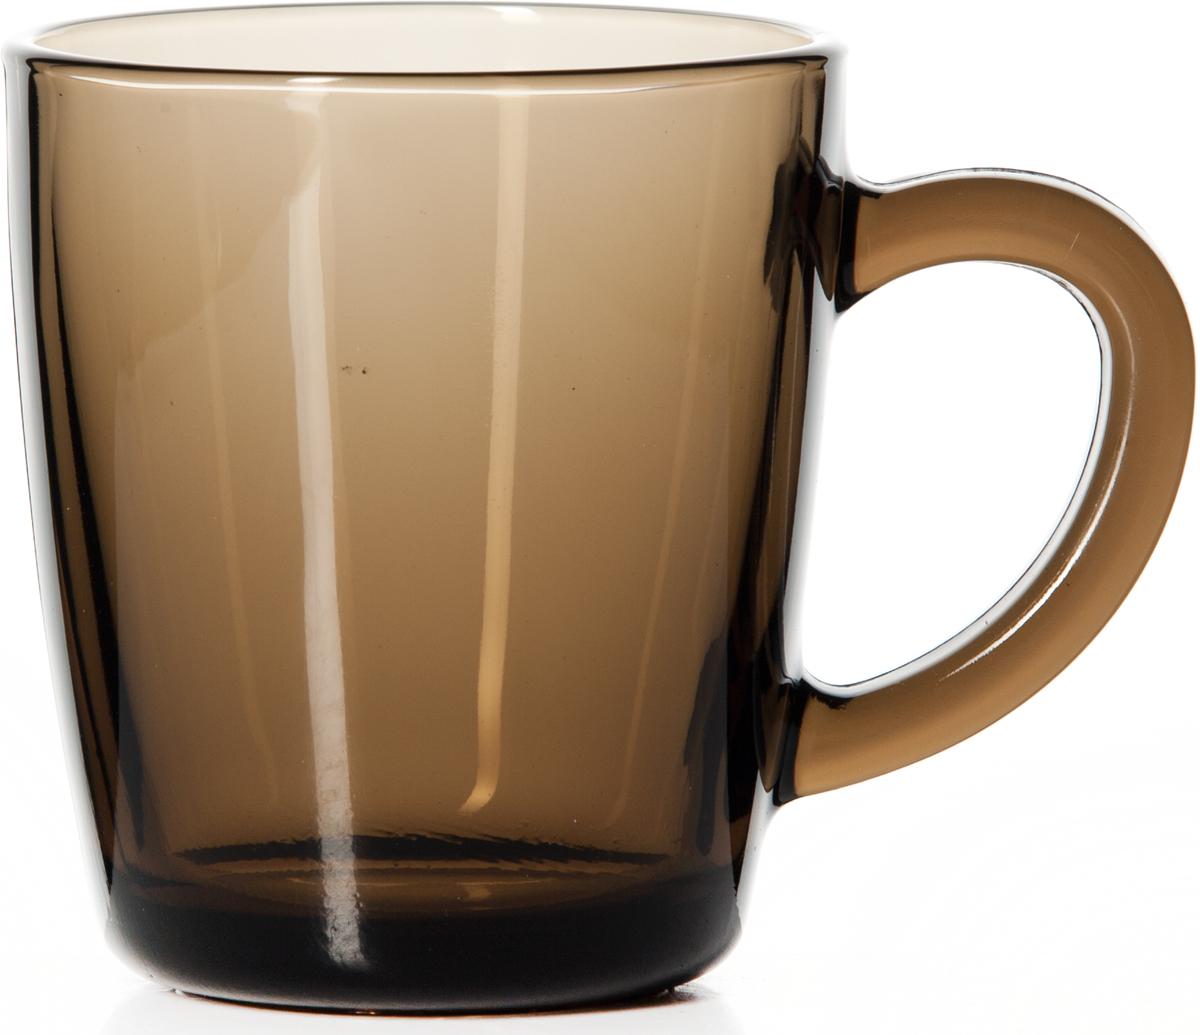 """Набор Pasabahce """"Bronze"""" состоит из двух кружек с удобными ручками, выполненных из прочного натрий-кальций-силикатного стекла. Изделия хорошо удерживают тепло, не нагреваются. Посуда Pasabahce будет радовать вас оригинальным дизайном и качеством изготовления."""